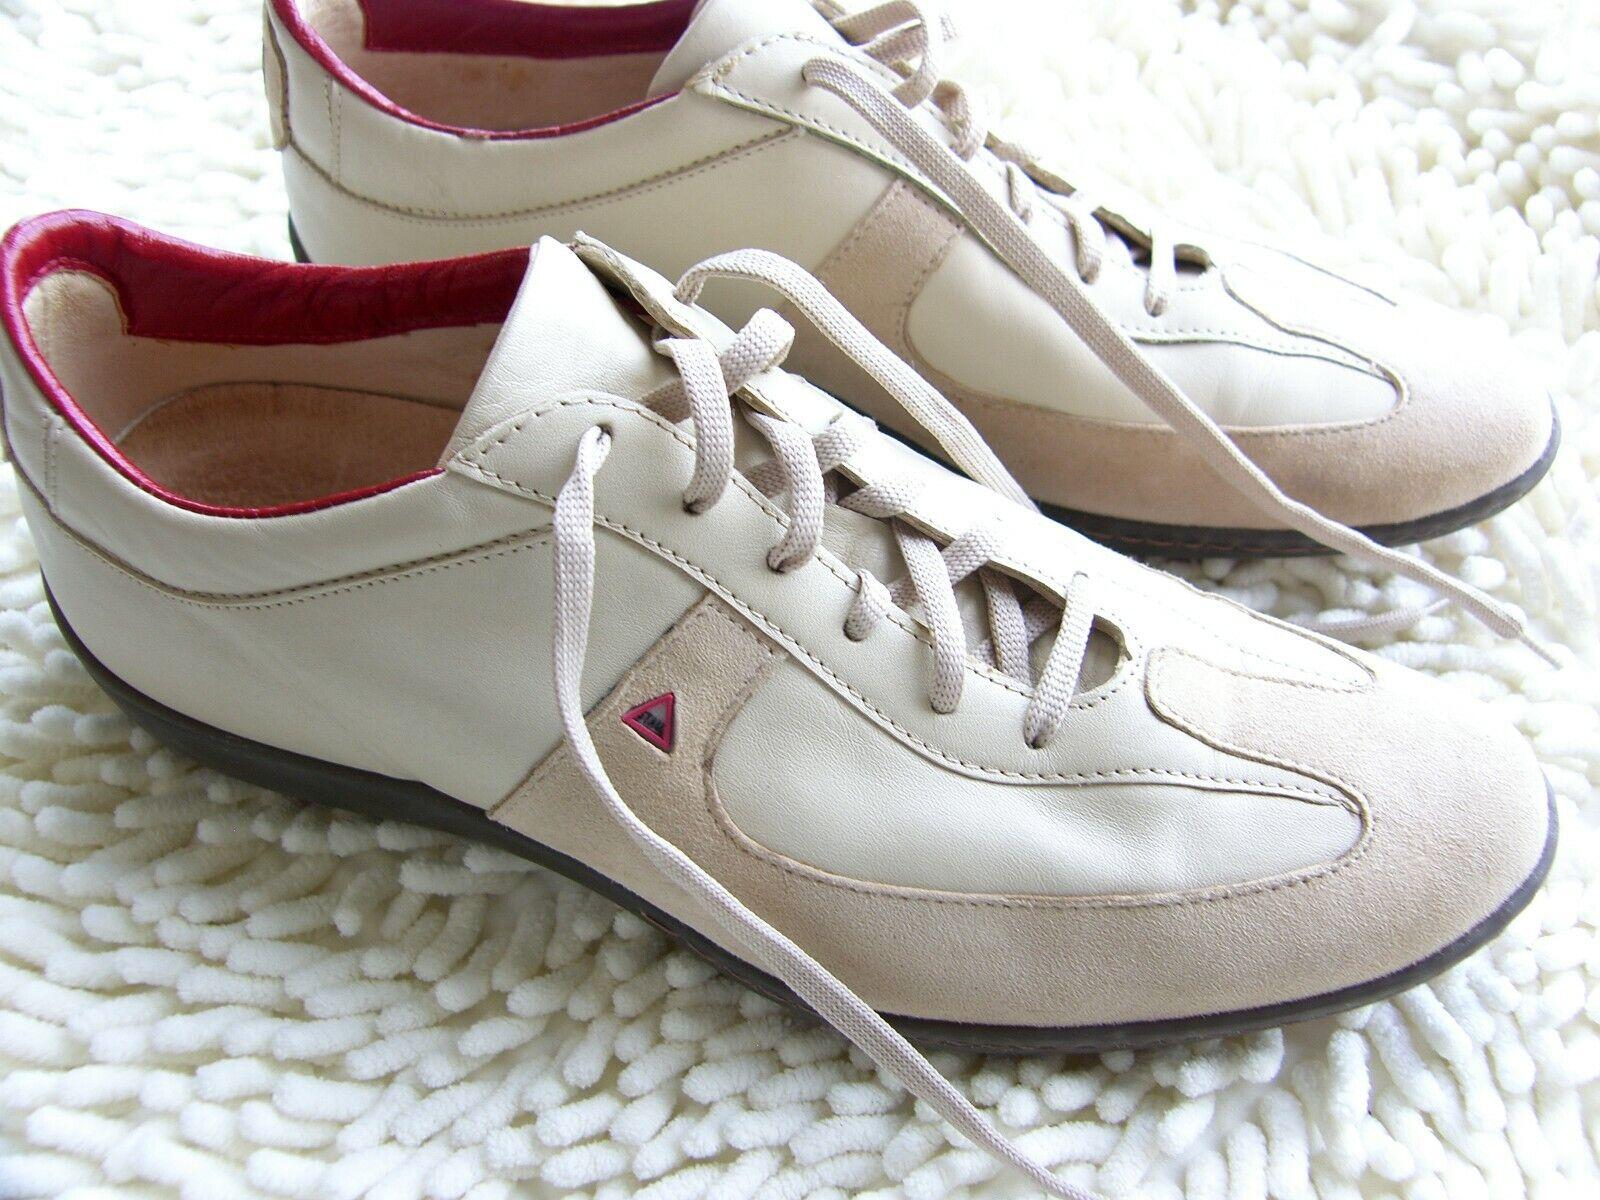 8) Damen LUXUS Halbschuhe/Sneaker/Wanderschuhe Gr 38- 25 cm sehr guter Zustand